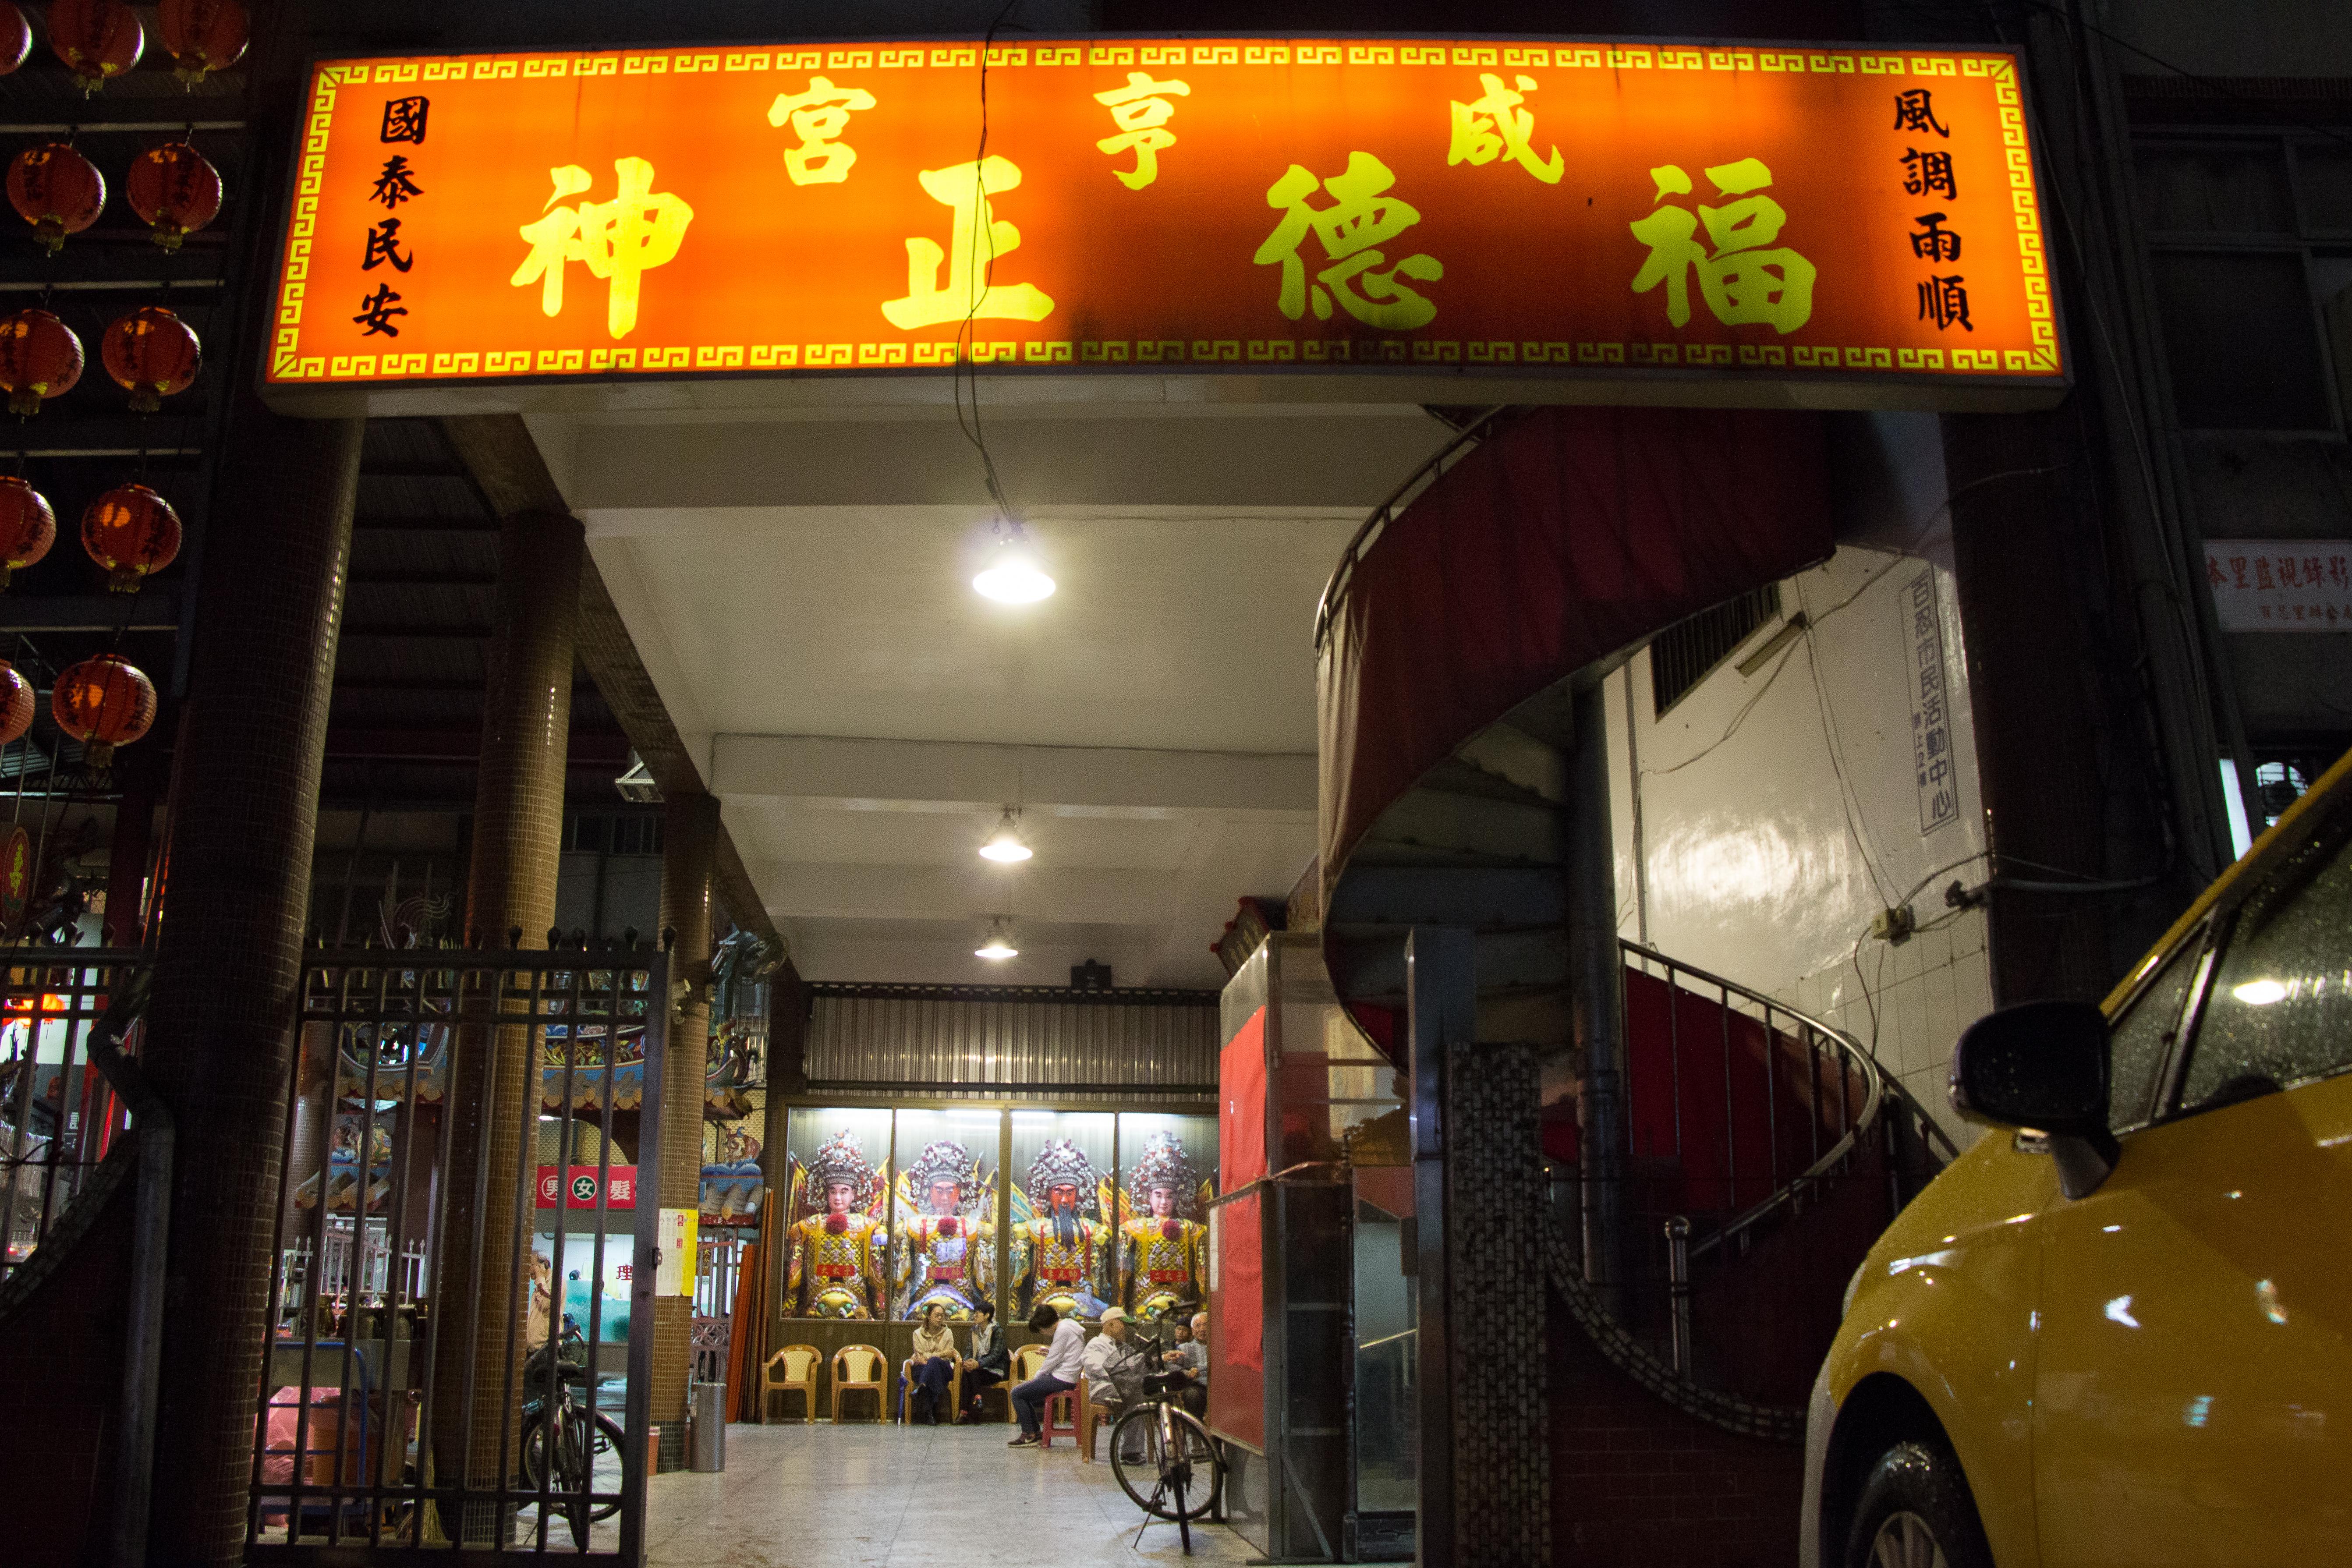 位於新店區三民路的咸亨廟為當地的信仰中心。